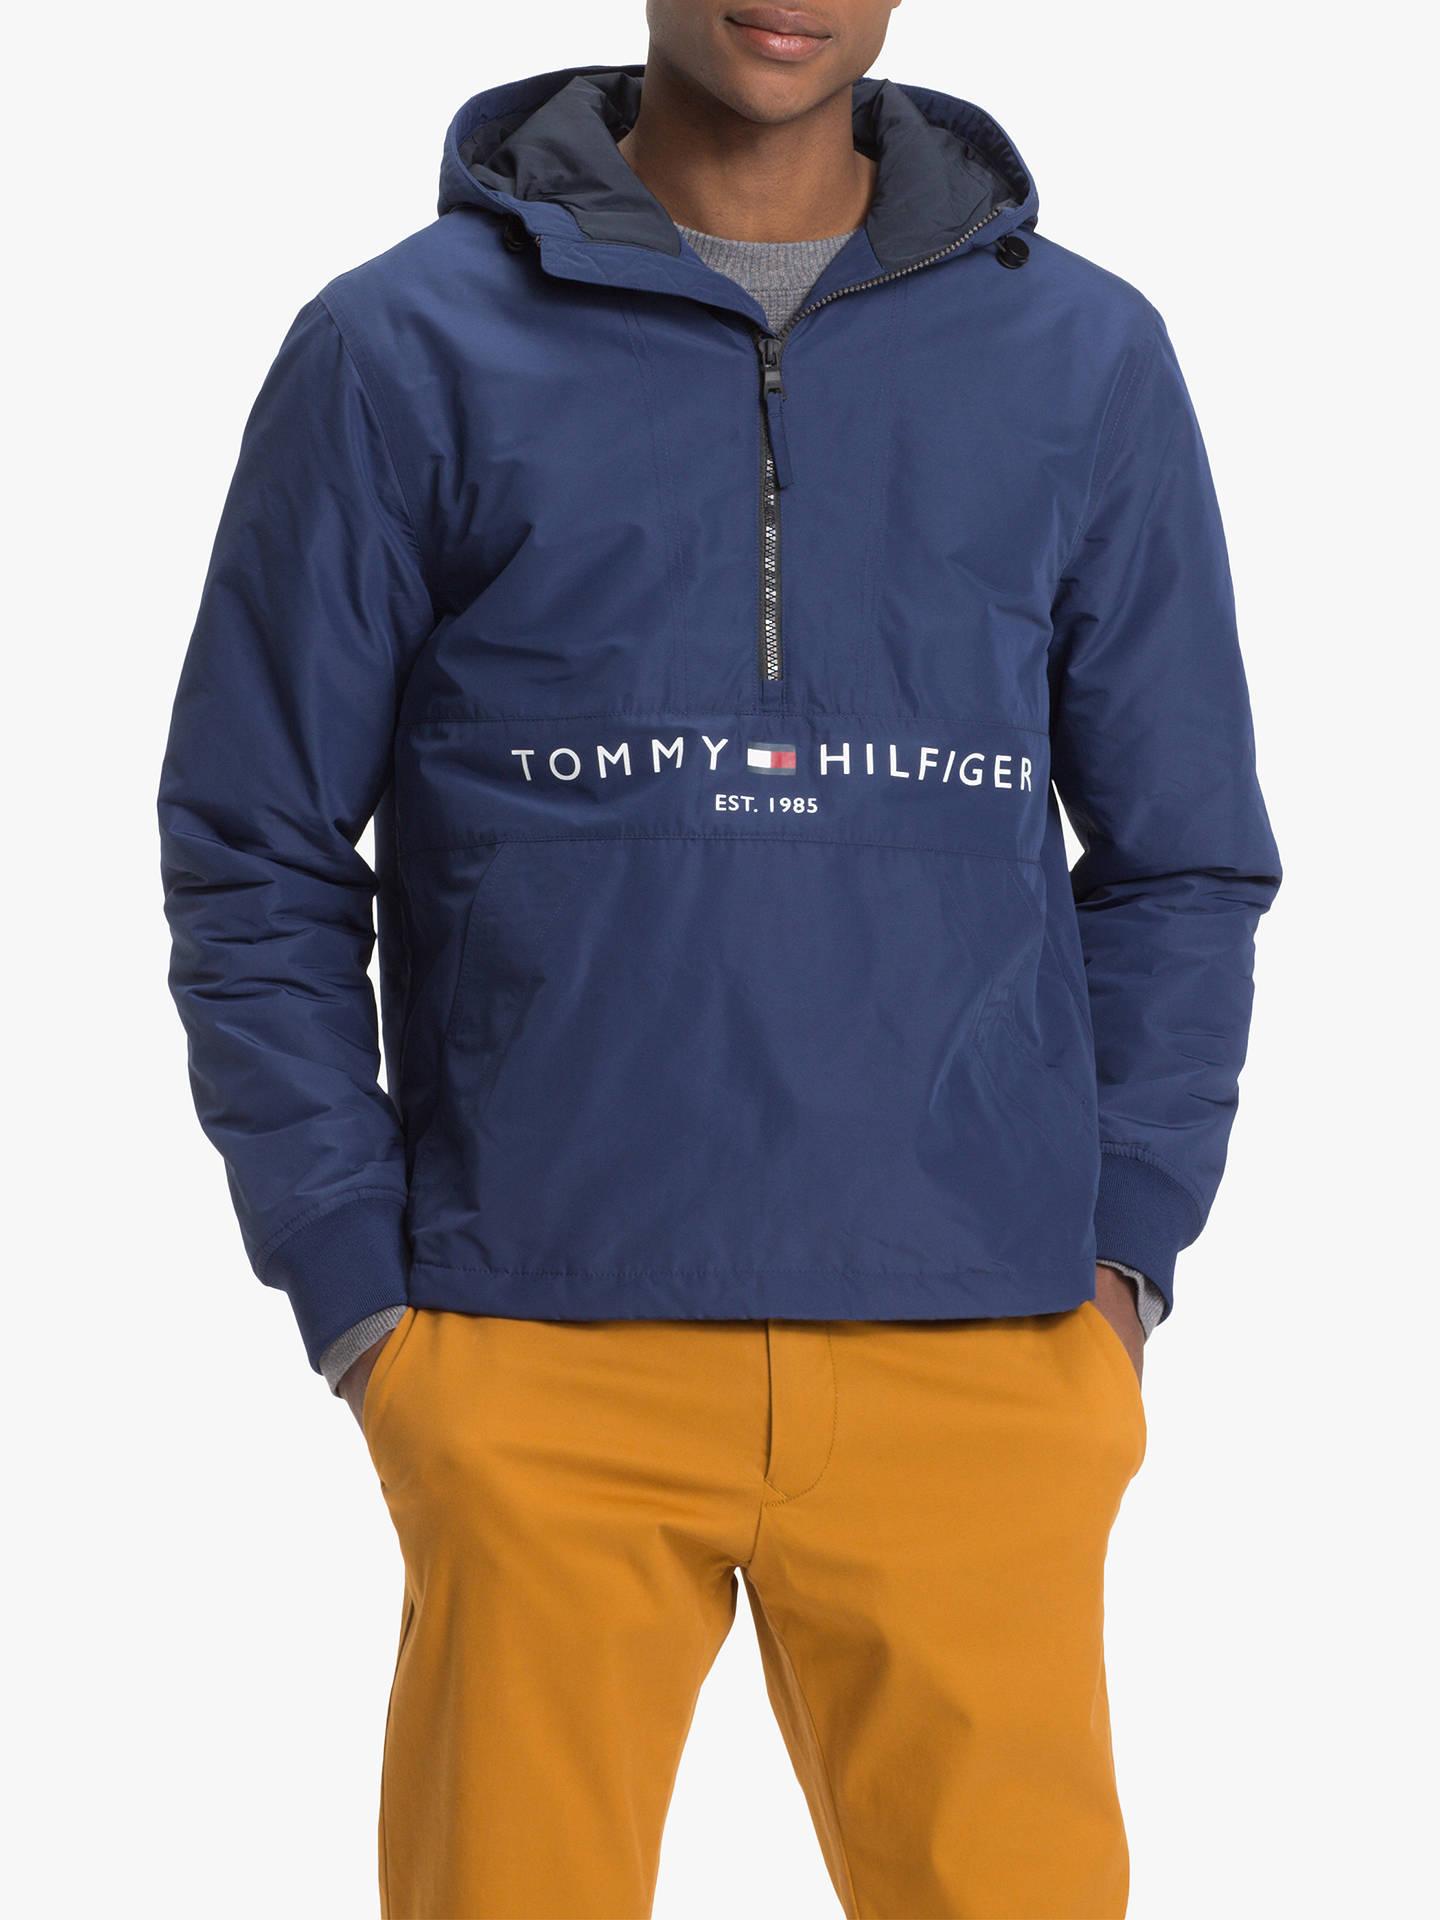 på fødder skud af engros online kvalitetsprodukter Tommy Hilfiger Padded Anorak Jacket, Blue at John Lewis ...